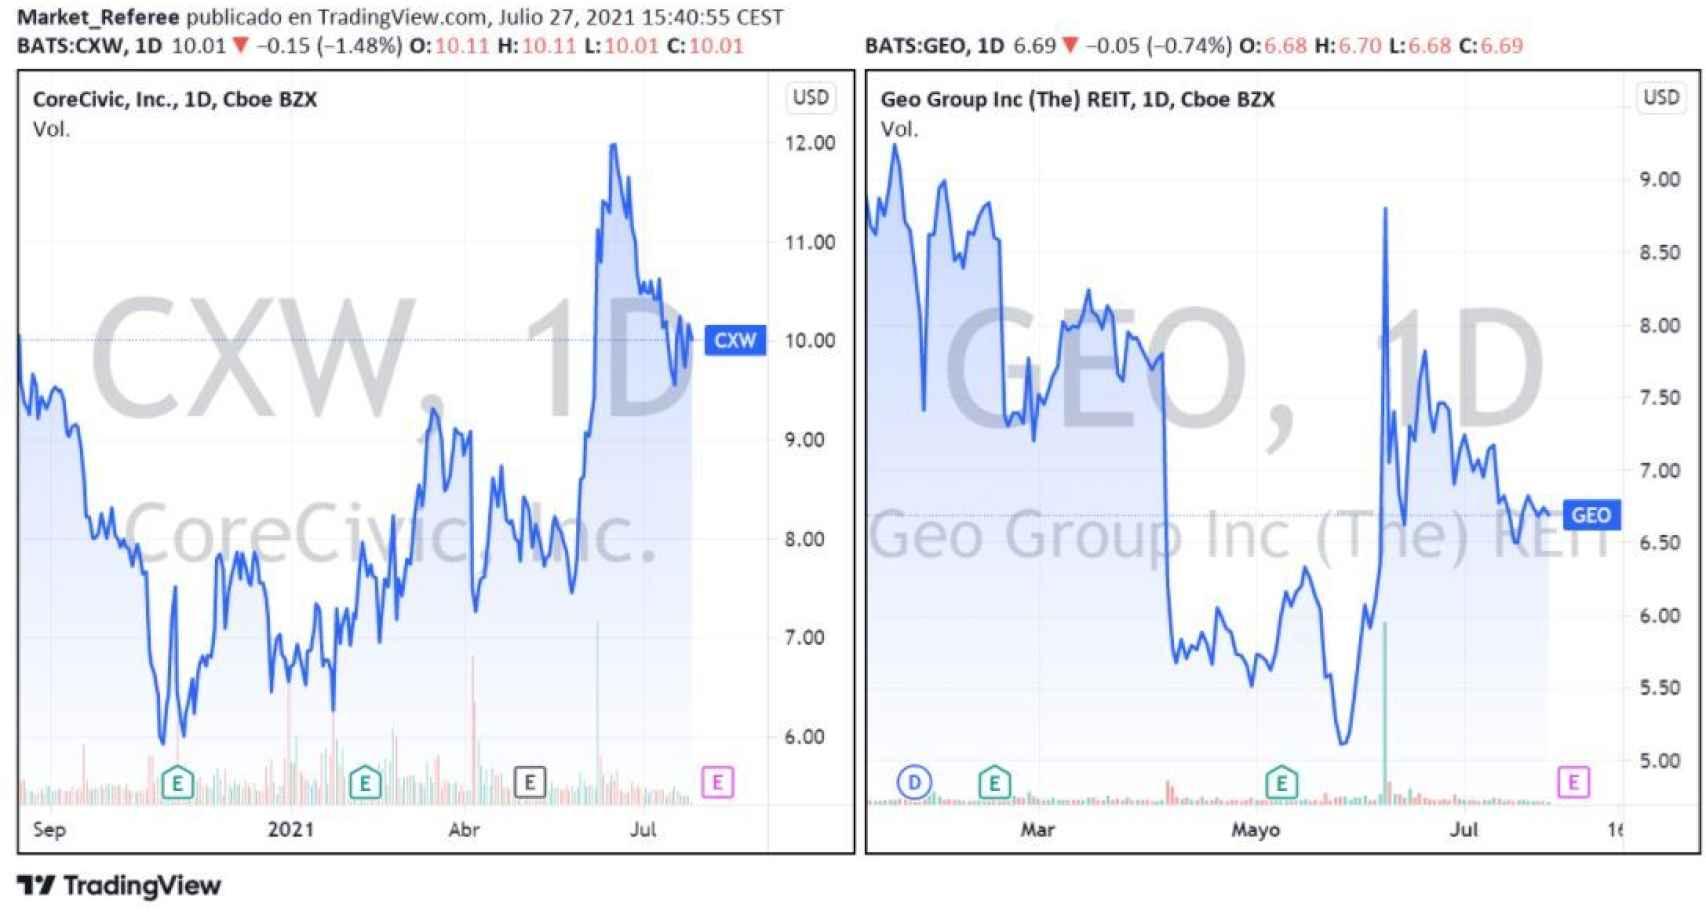 Evolución bursátil de GEO  Group y CoreCivic.